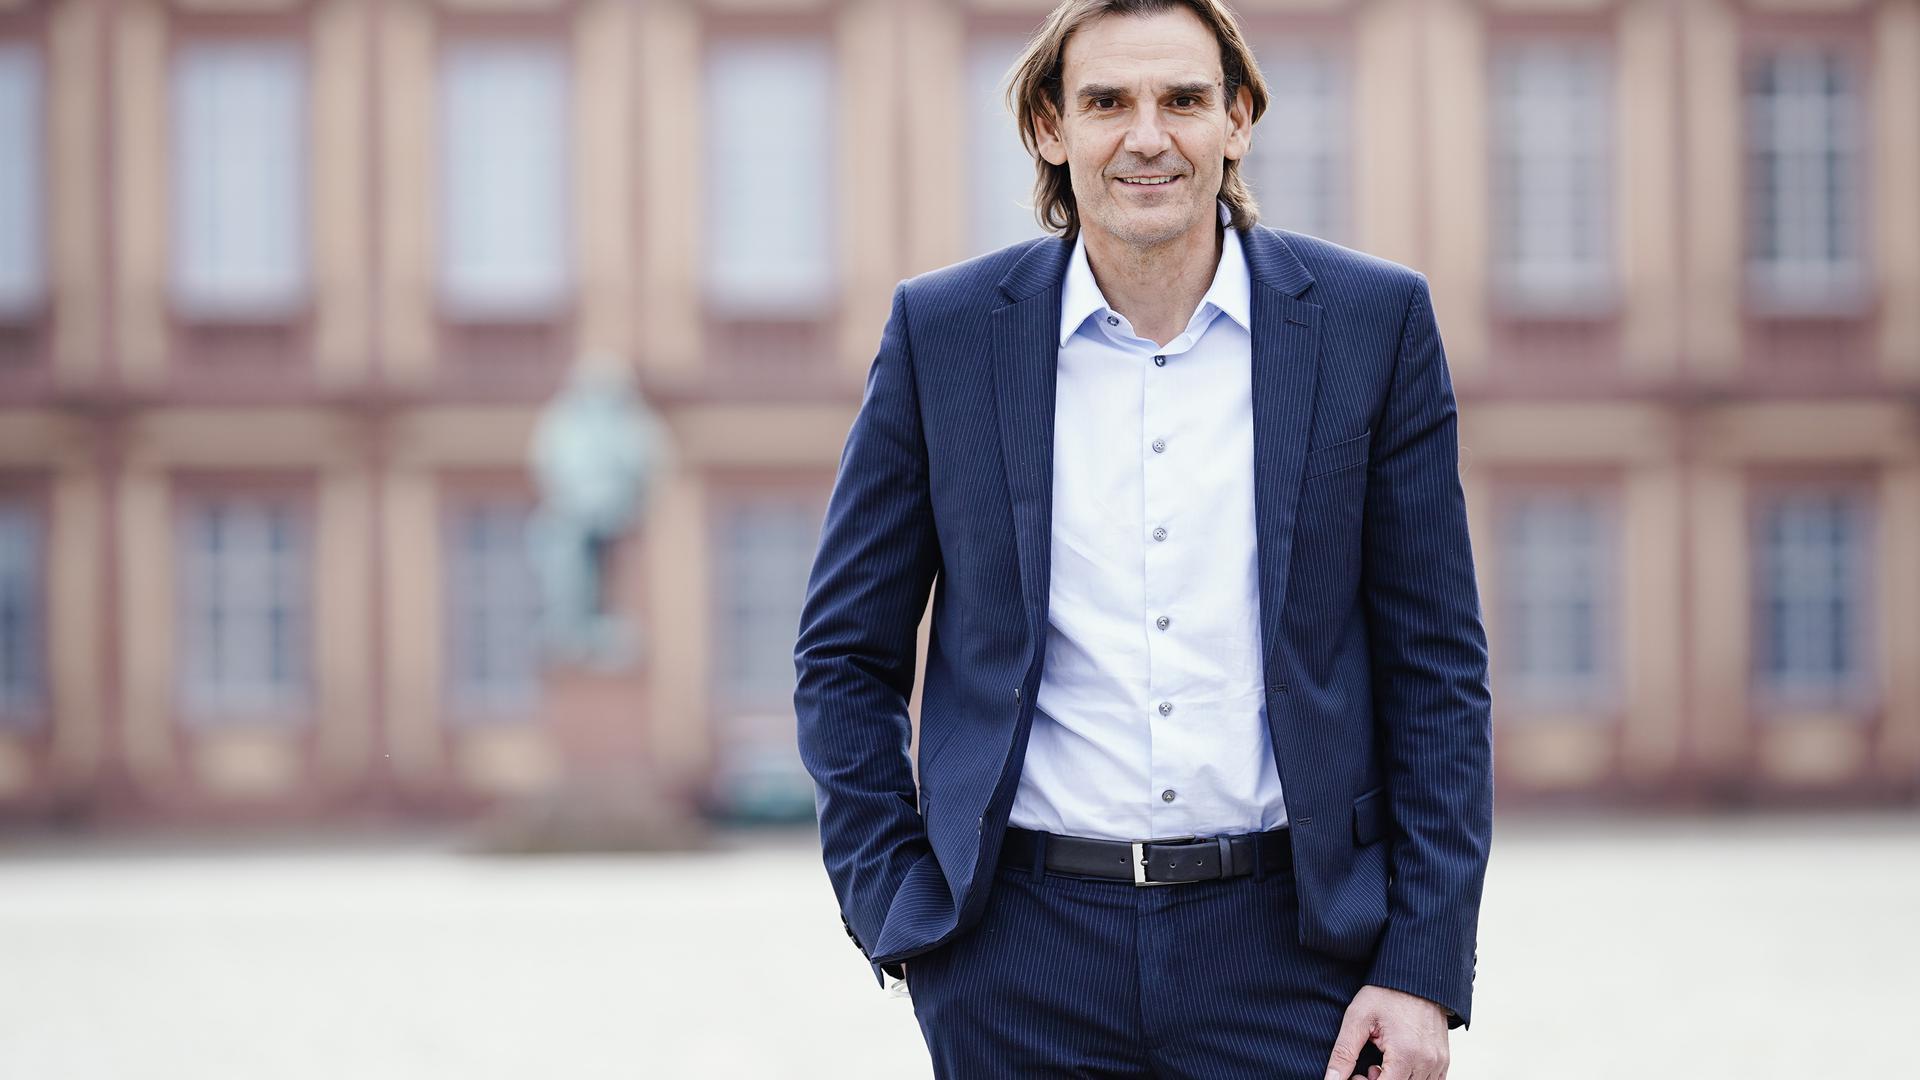 Andreas Stenger, Polizeipräsident im Polizeipräsidium Mannheim, steht vor dem Mannheimer Schloss.